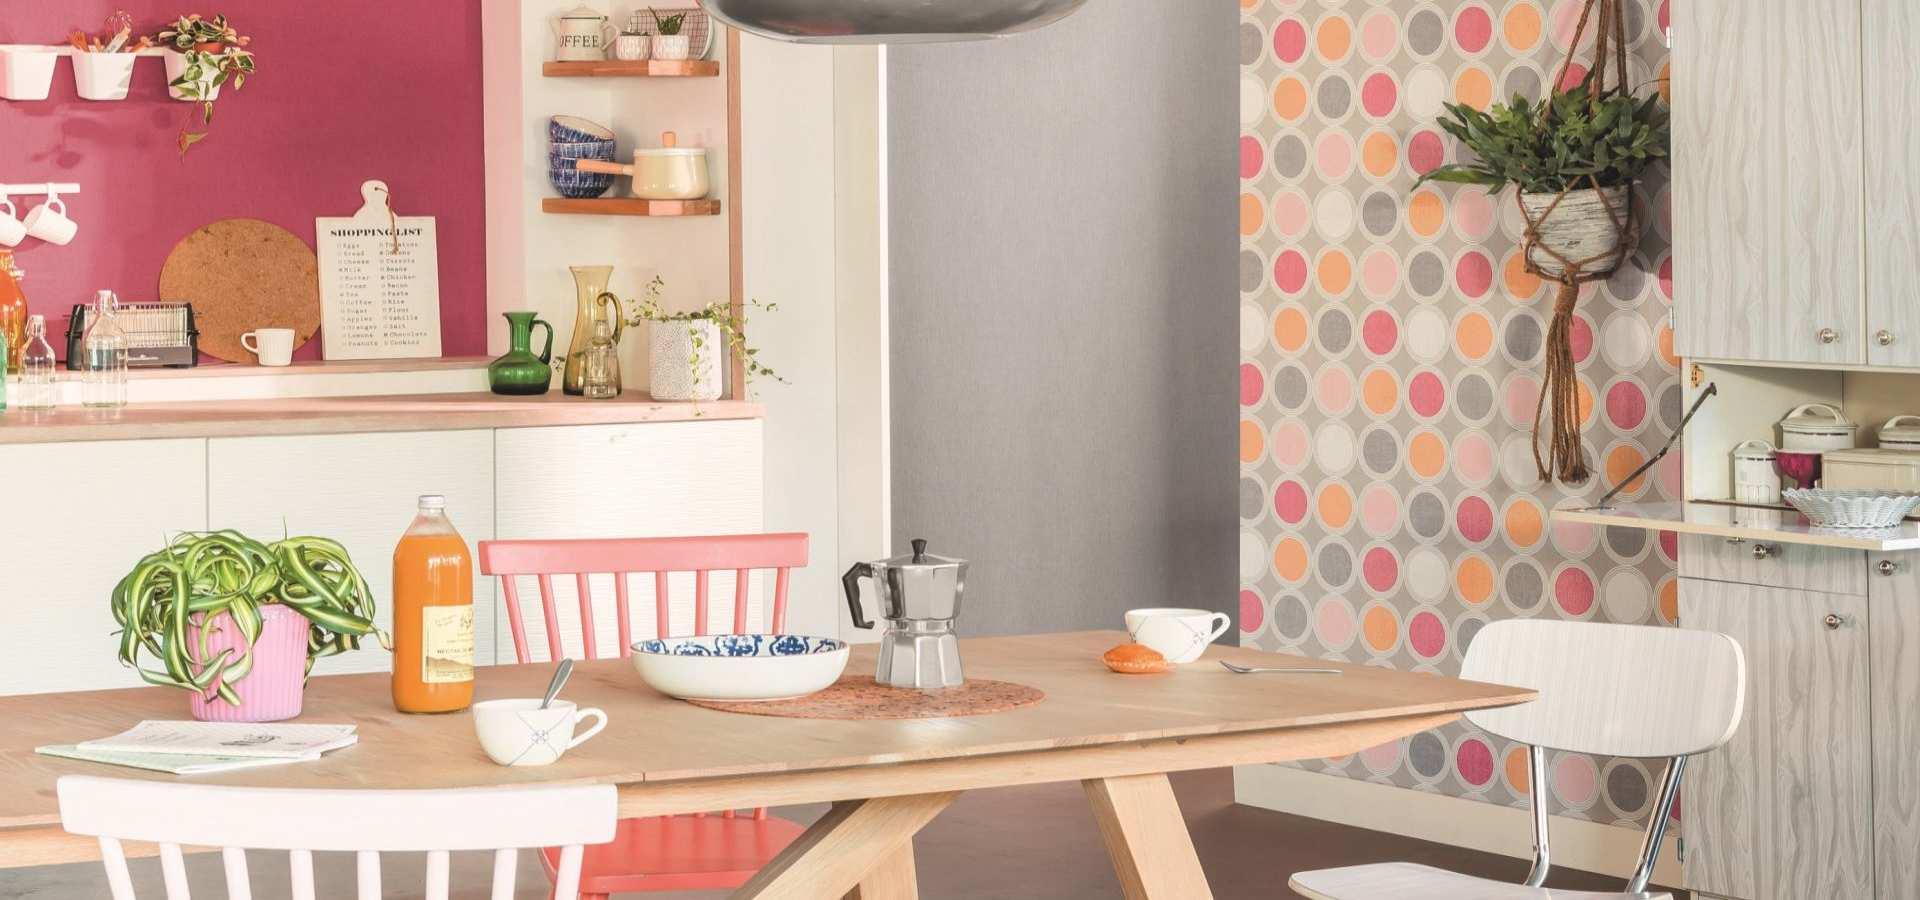 Bild Küche mit Tapete bunt